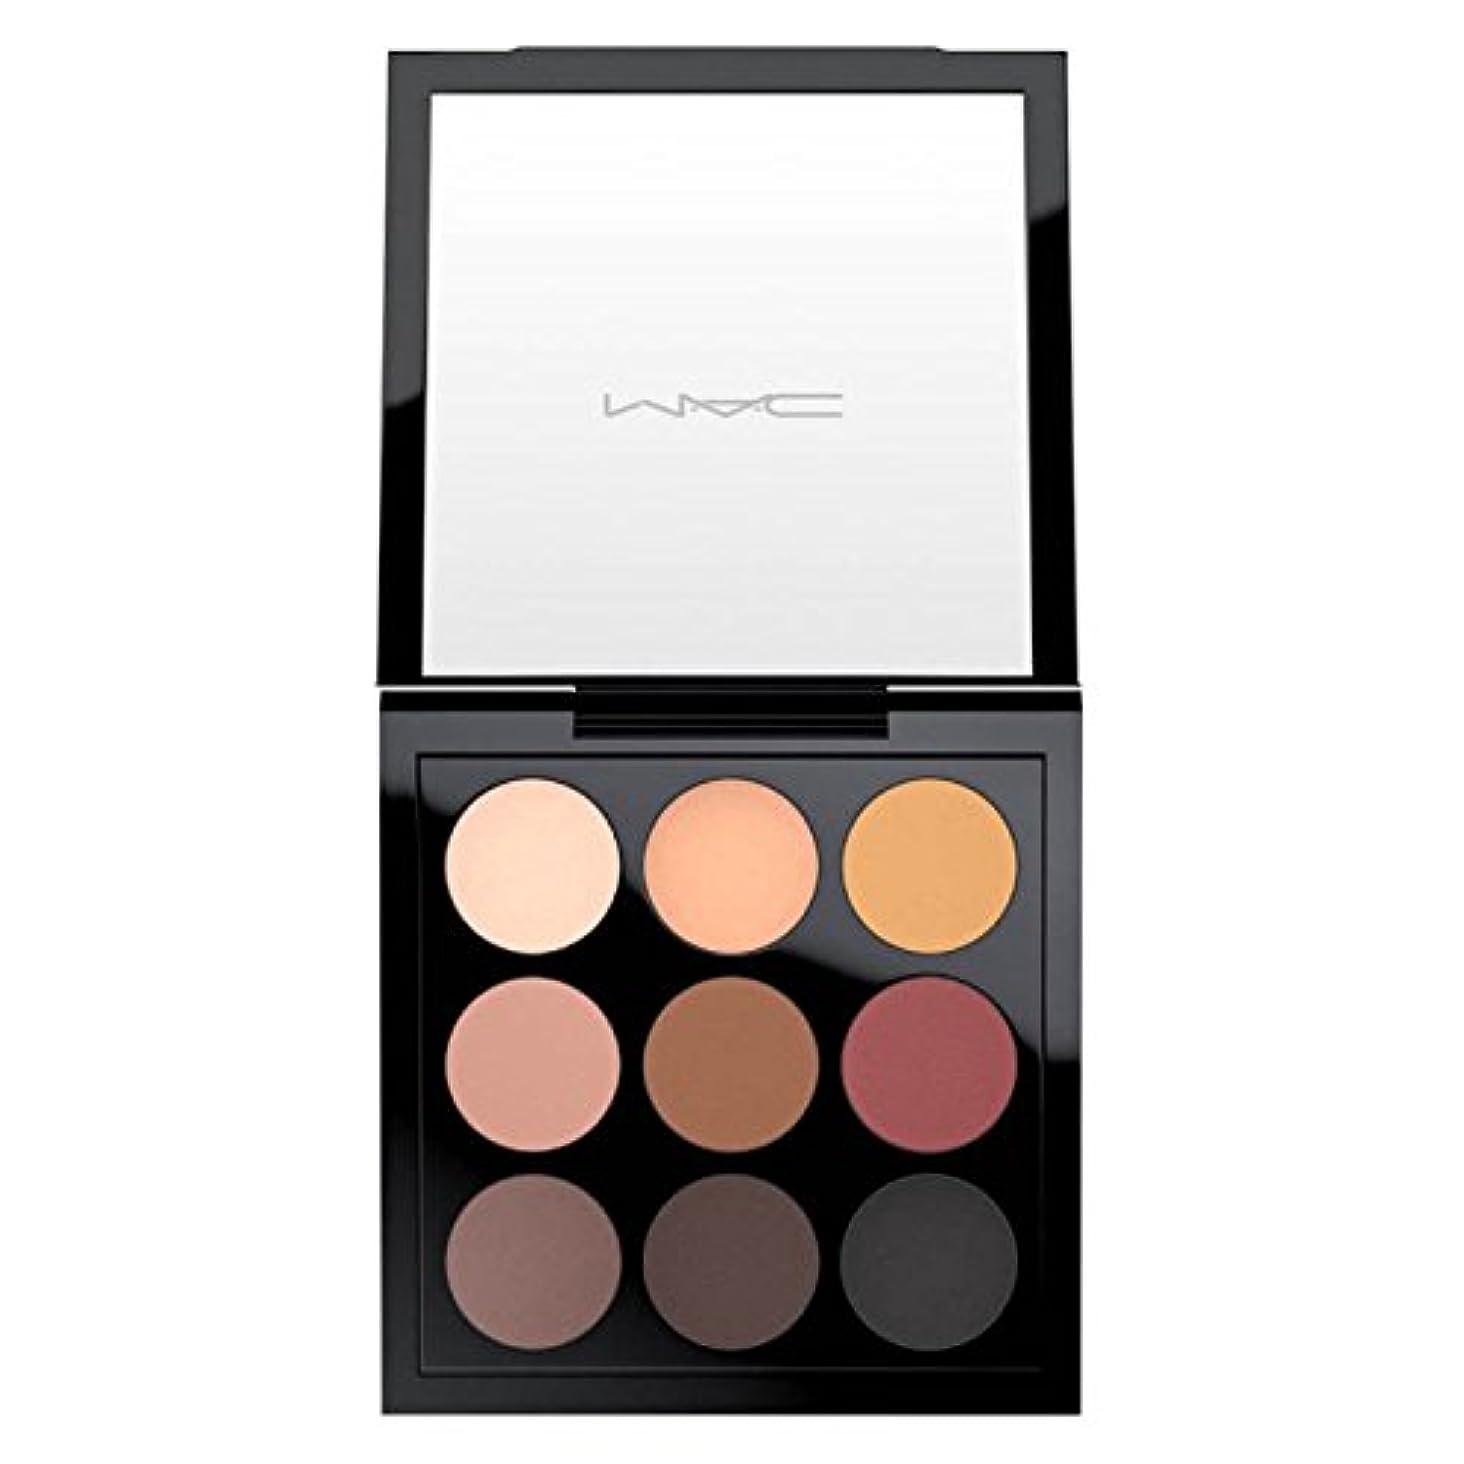 変形小売休みM.A.C ?マック, Semi-Sweet Times Nine Eyeshadow Palette セミスウィートタイムズナインアイシャドウパレット [海外直送品] [並行輸入品]